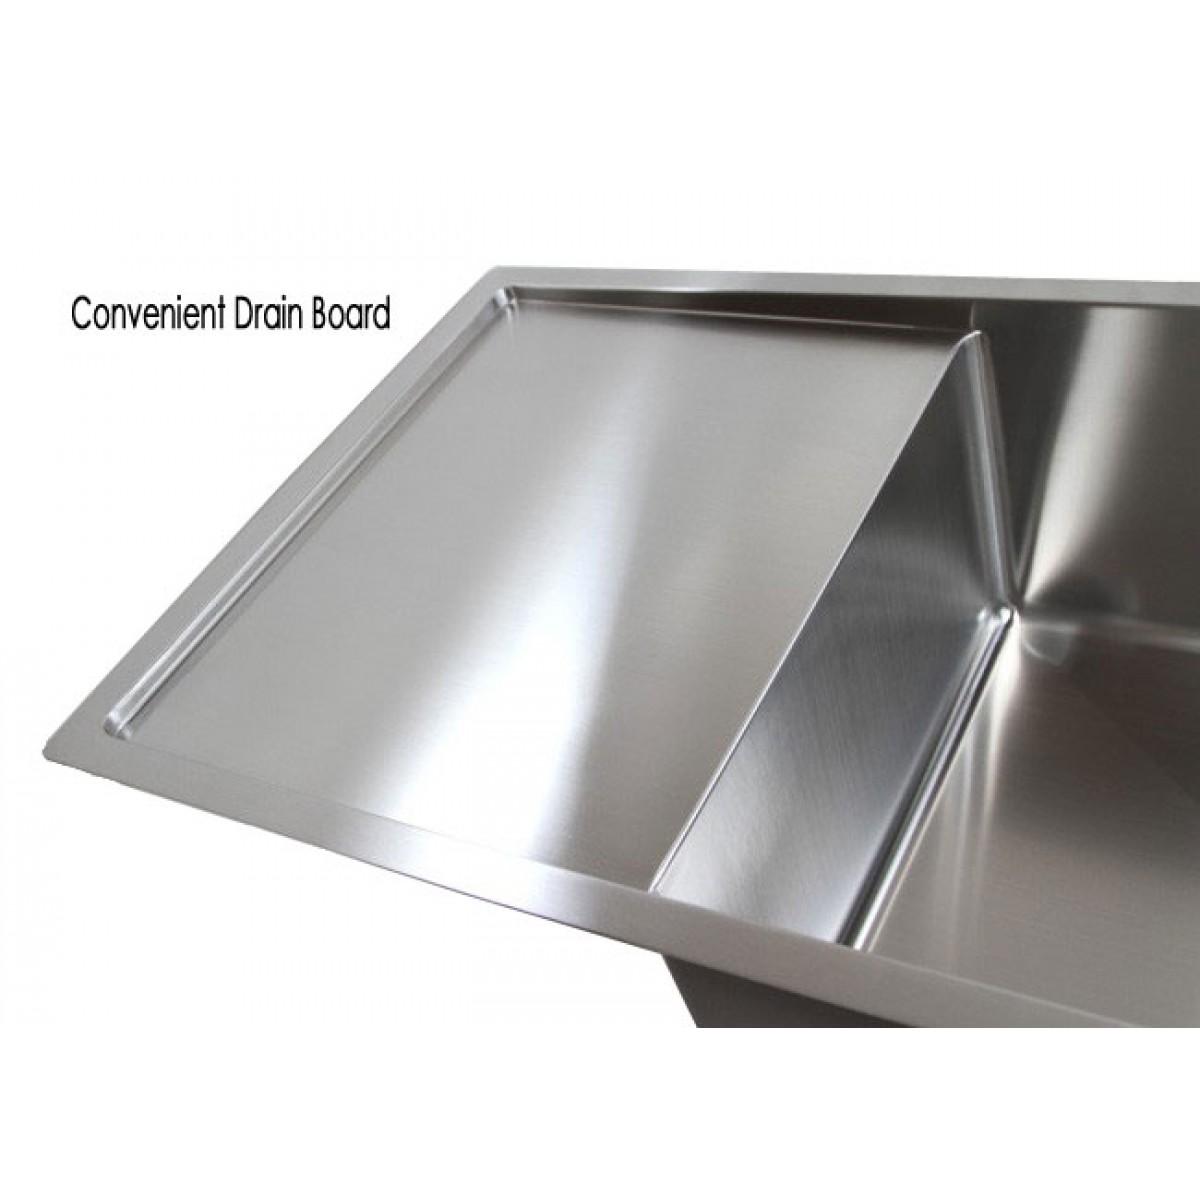 Undermount Kitchen Sinks With Drainboard 42 inch stainless steel undermount double bowl kitchen sink 15mm